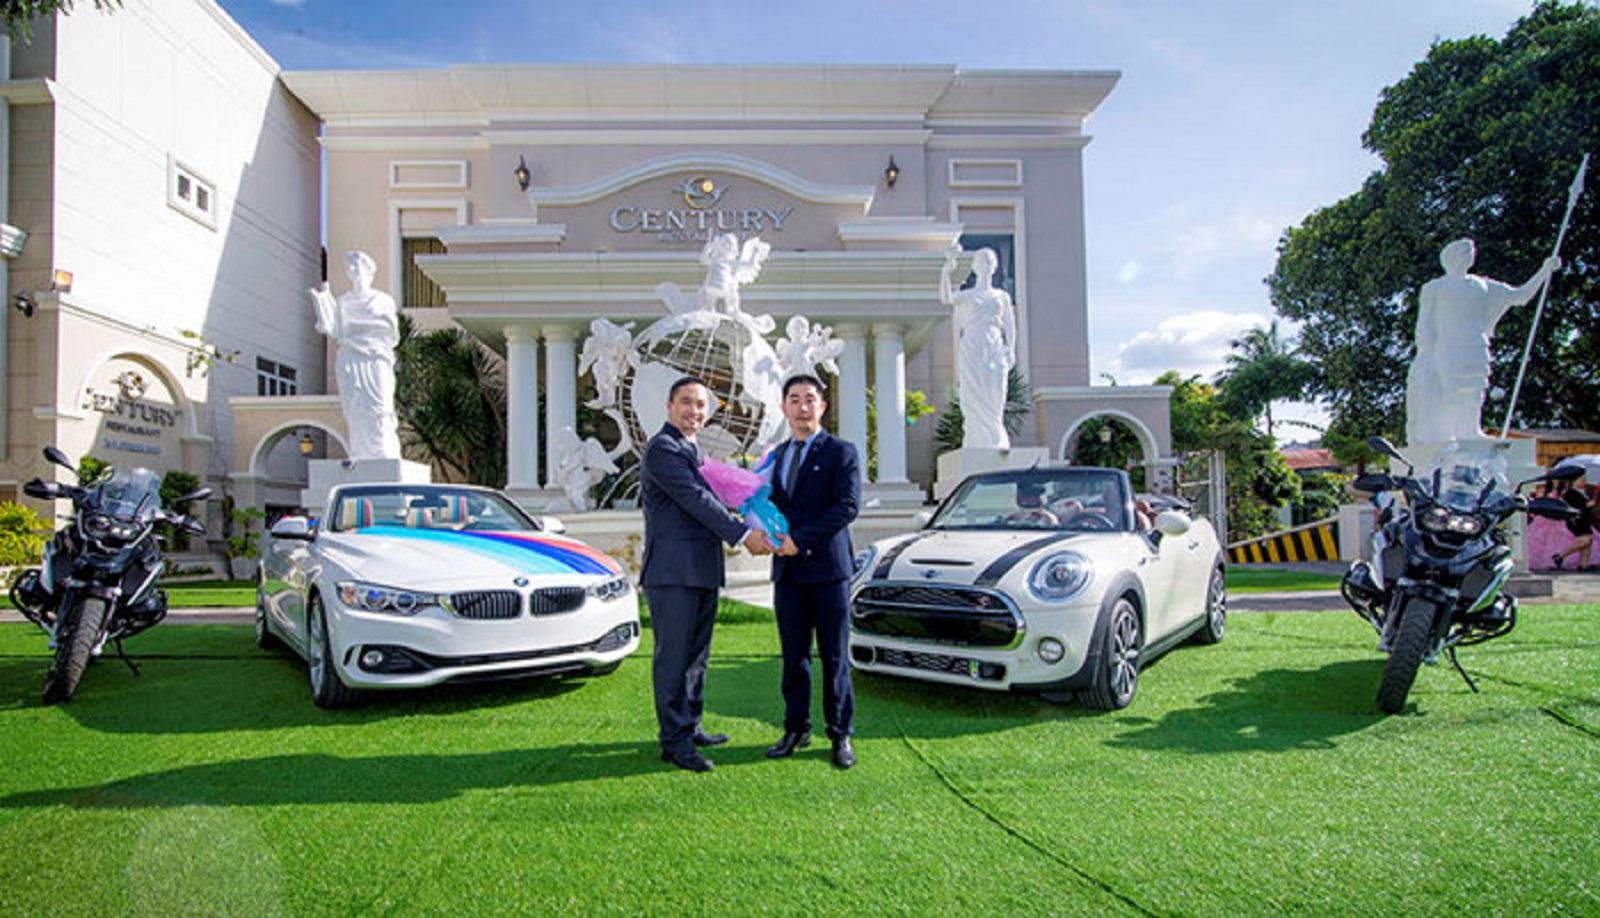 Nhà hàng tiệc cưới Century Pleiku dùng xe MINI, BMW, Motorrad làm xe hoa